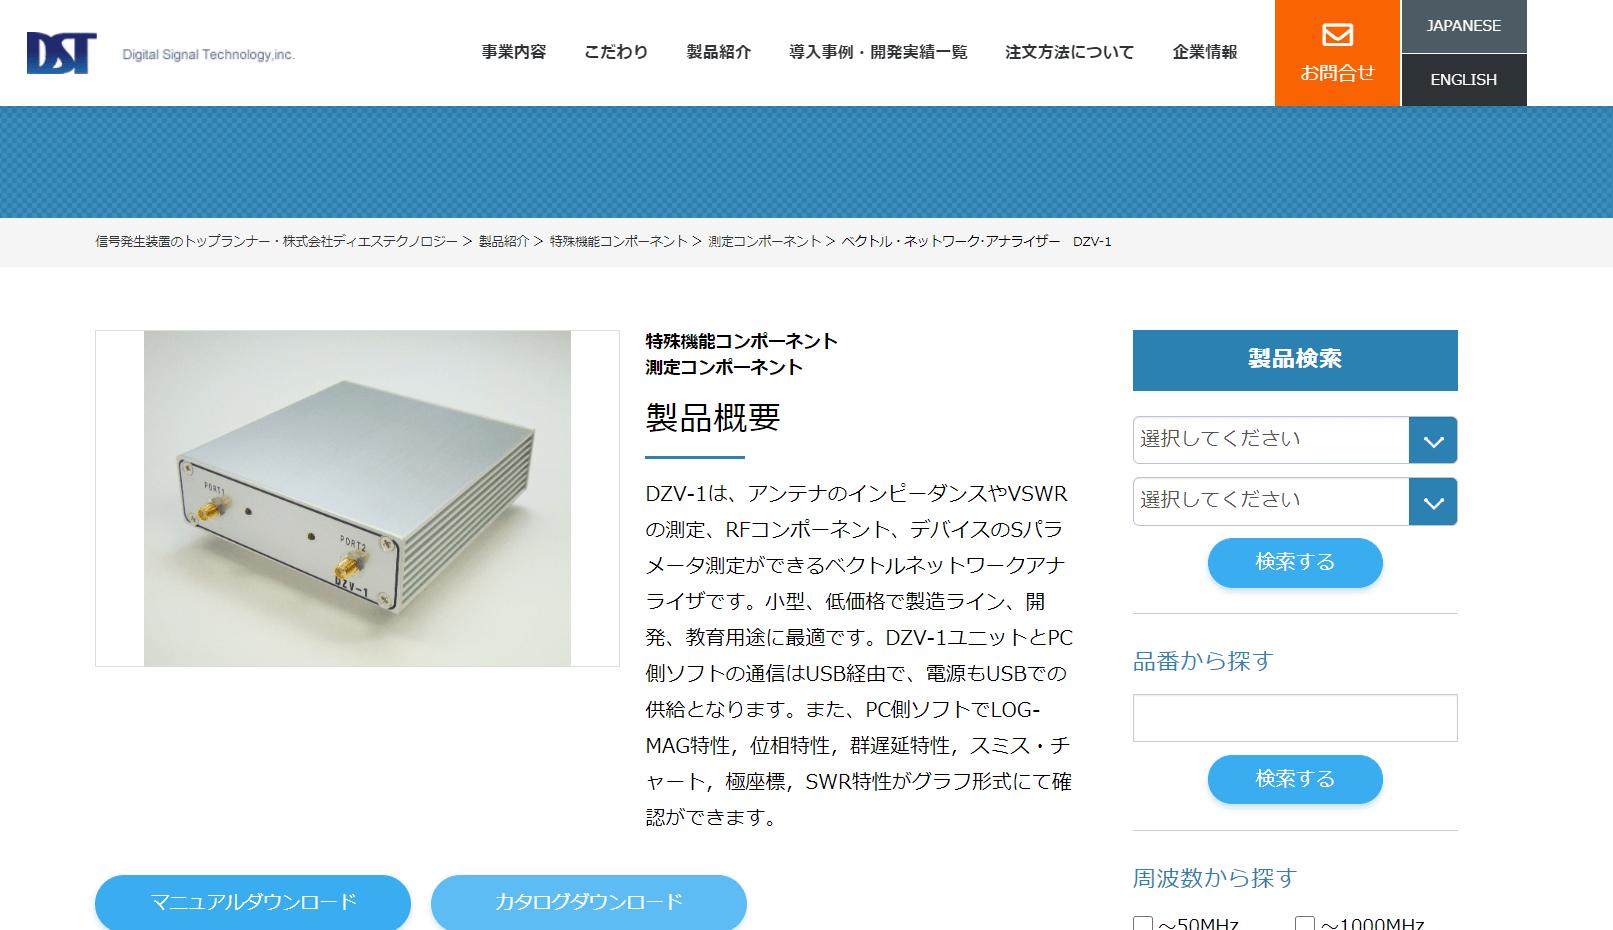 ベクトル・ネットワーク・アナライザ DZV-1